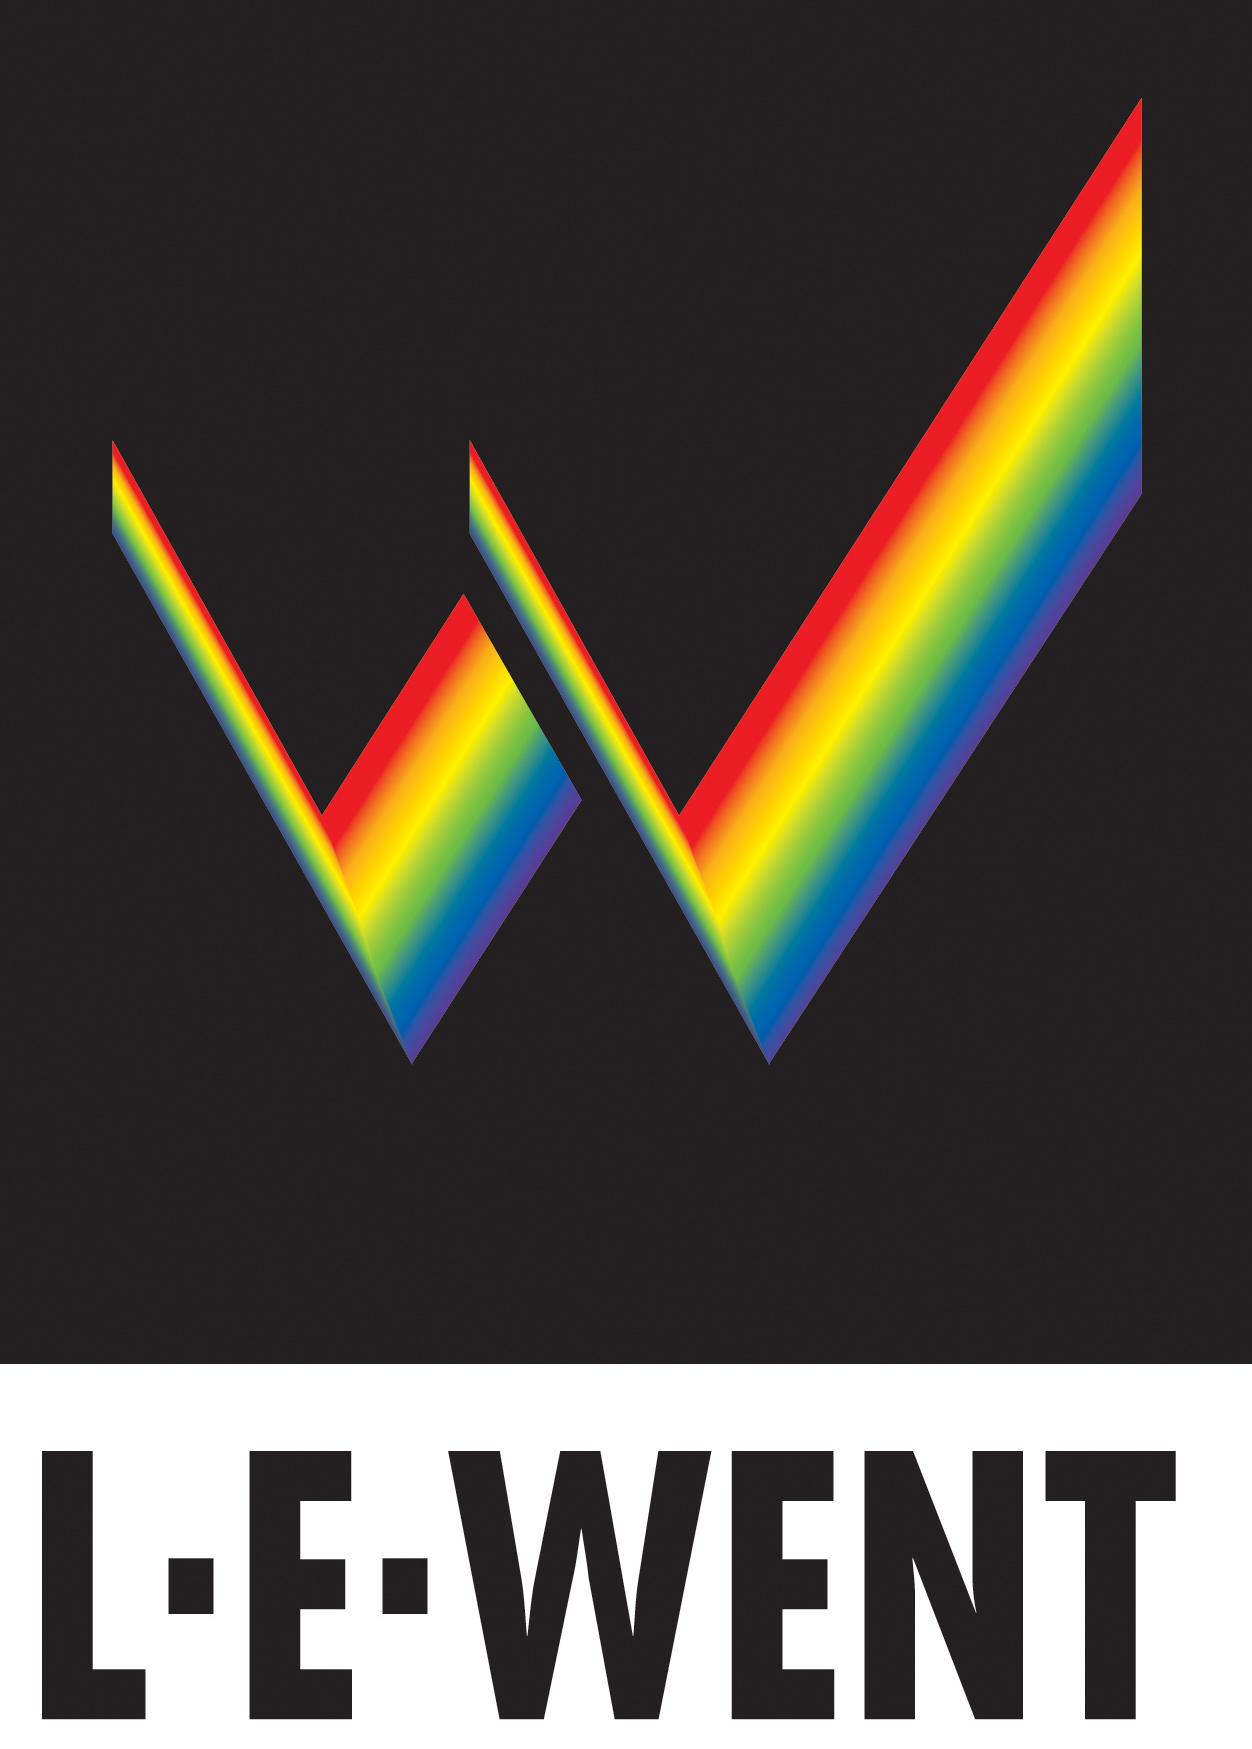 LE Went - New Malden, London KT3 4NU - 020 8949 0626 | ShowMeLocal.com